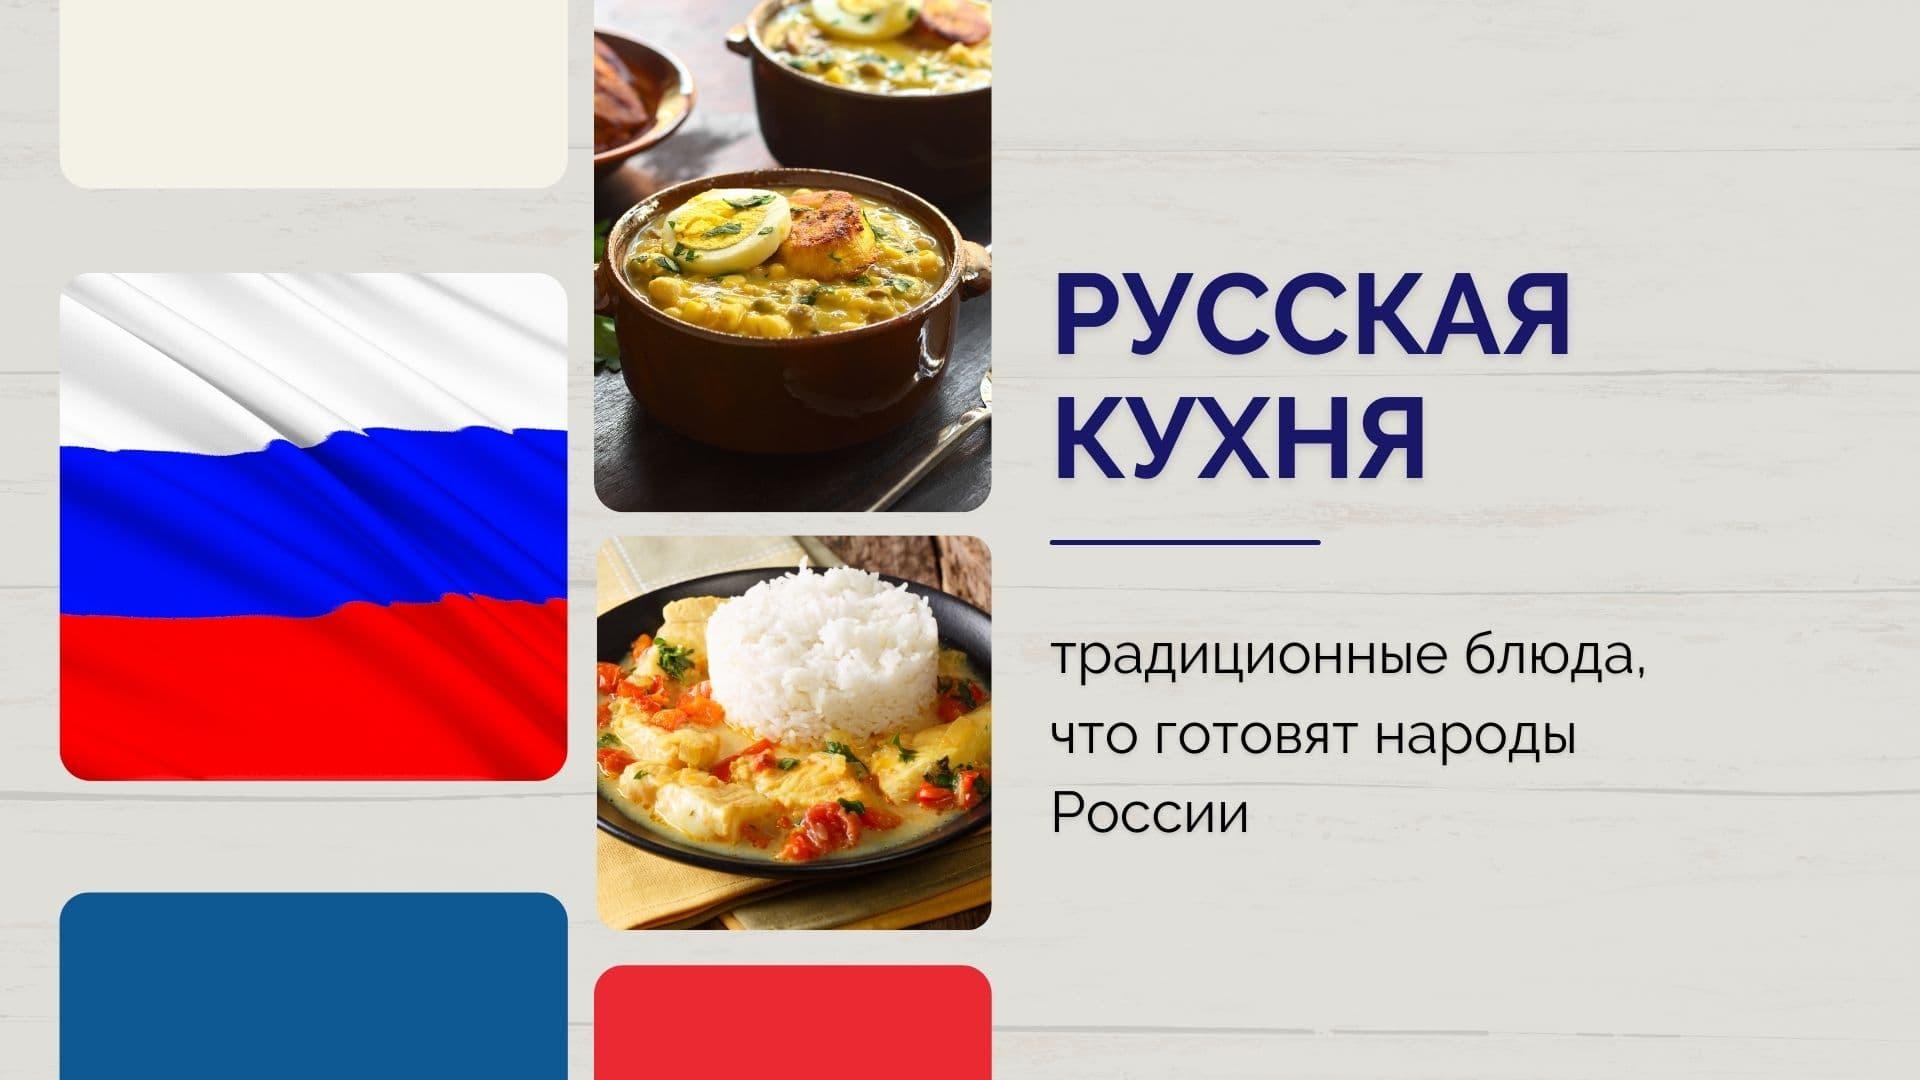 Русская кухня: традиционные блюда, что готовят народы России